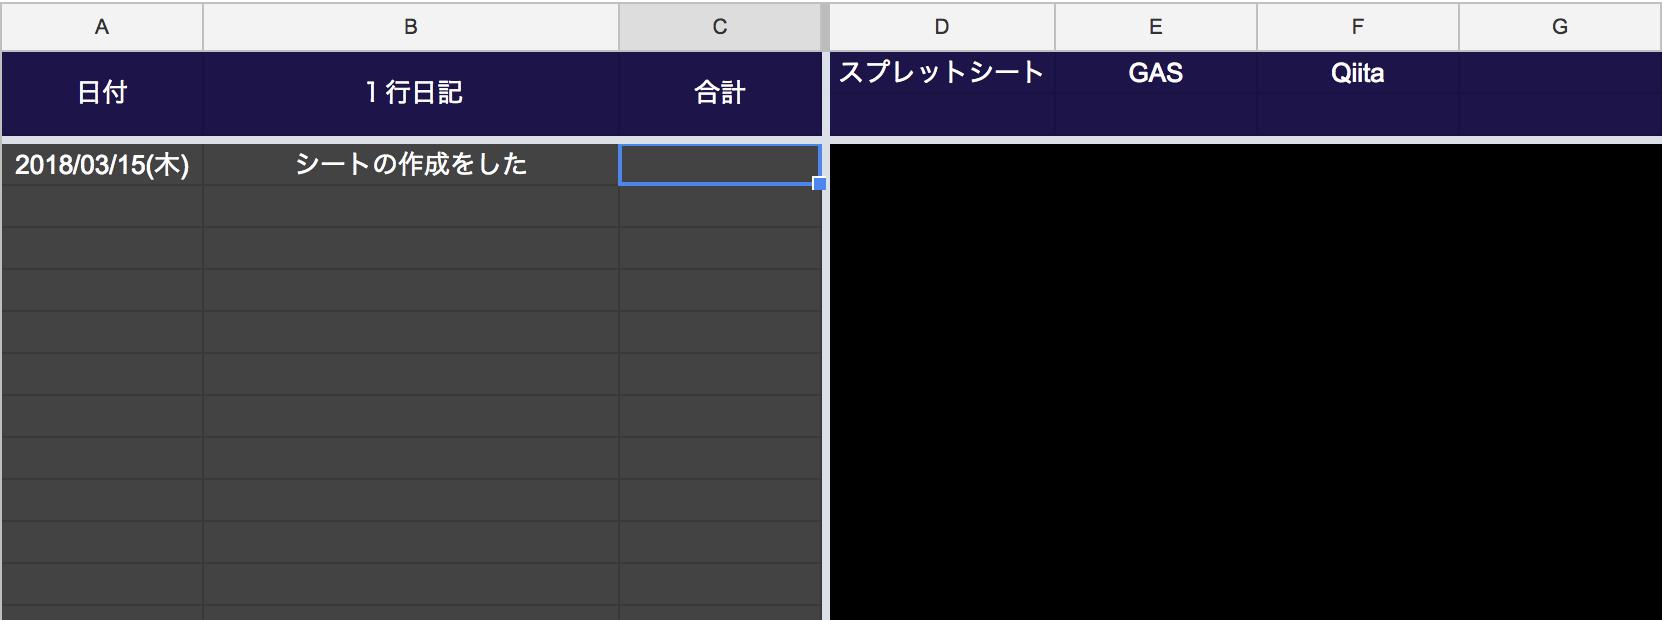 スクリーンショット 2018-03-15 21.28.58.png